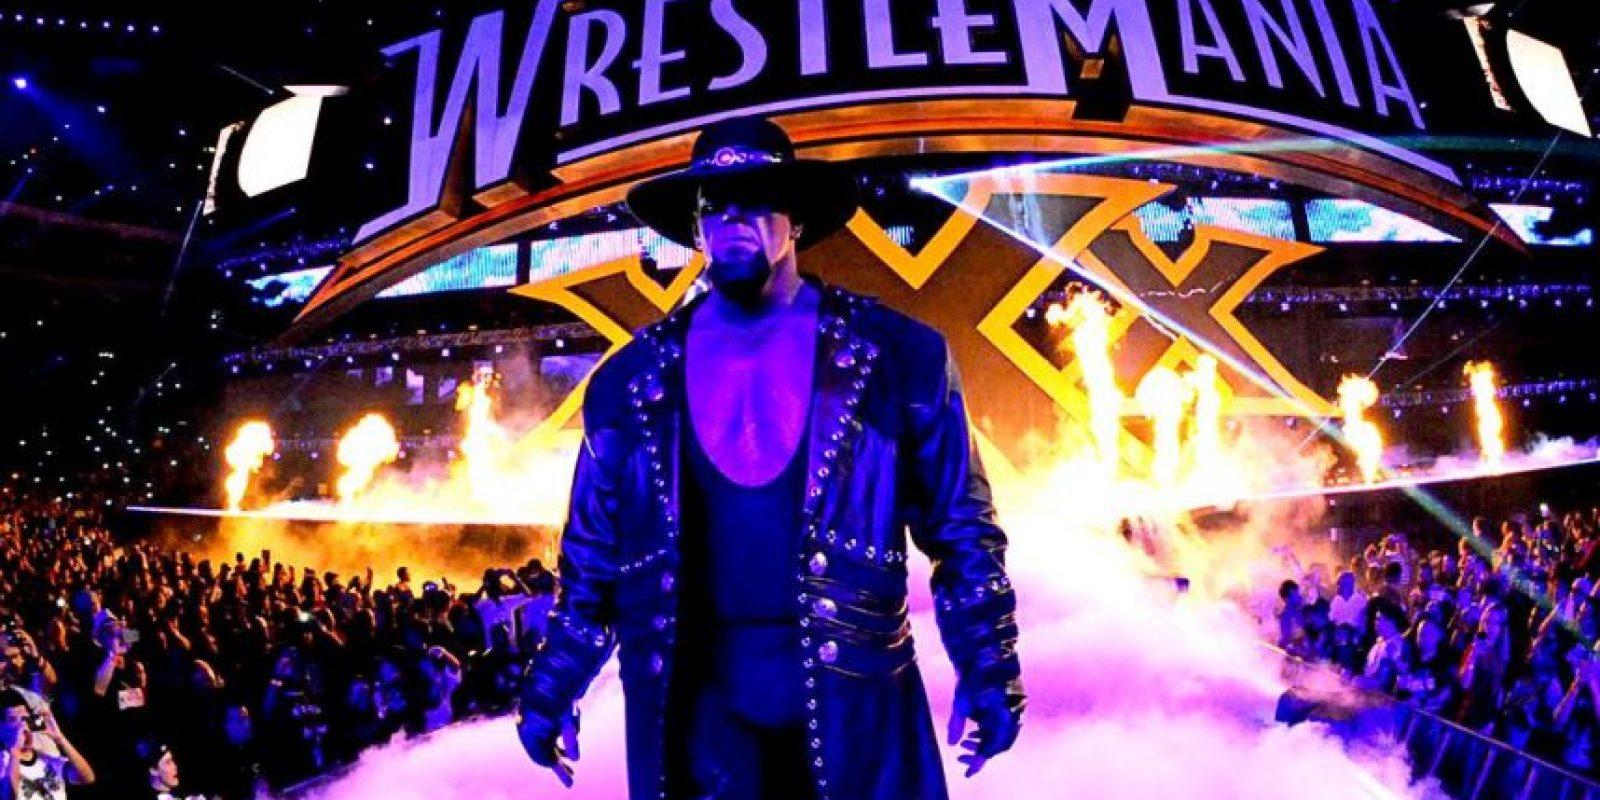 La leyenda viviente se caracteriza por sus entradas oscuras Foto:WWE